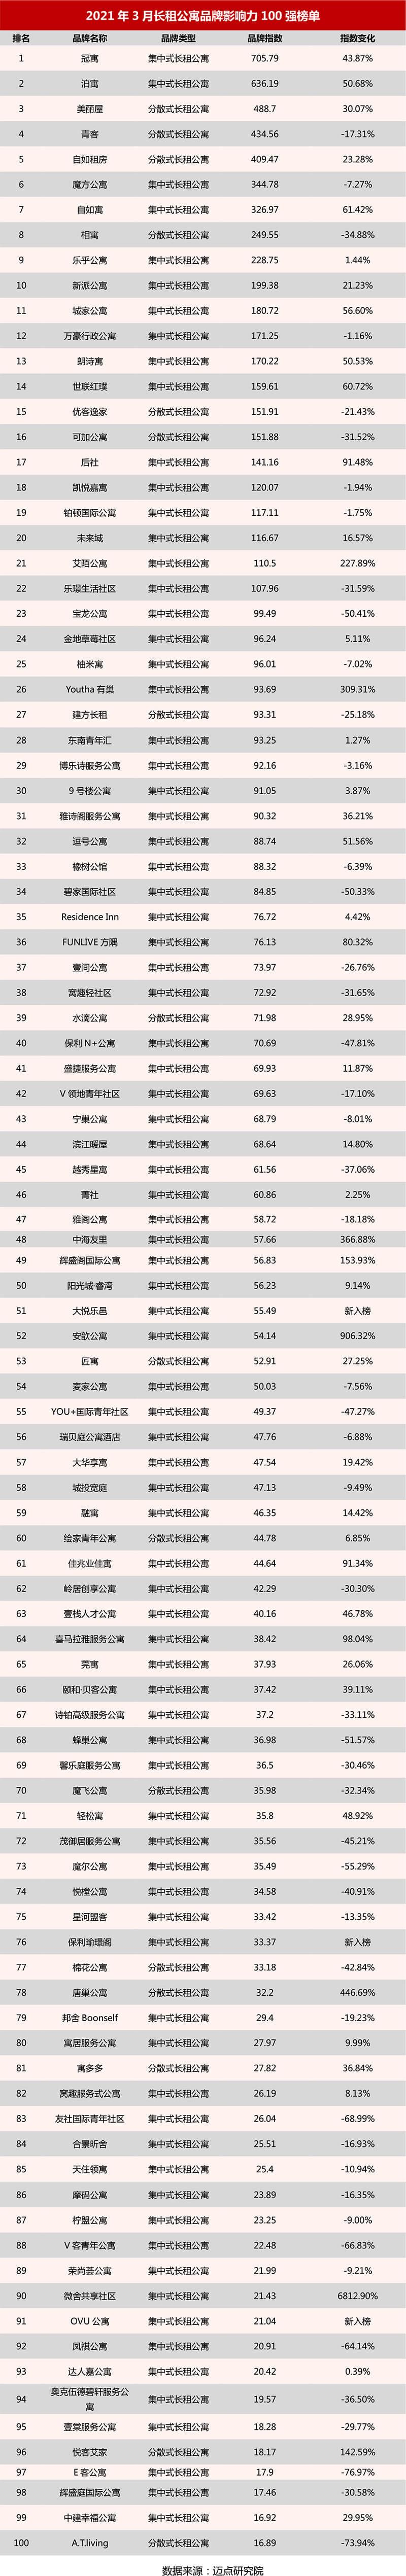 2021年3月长租公寓品牌影响力100强榜单.jpg